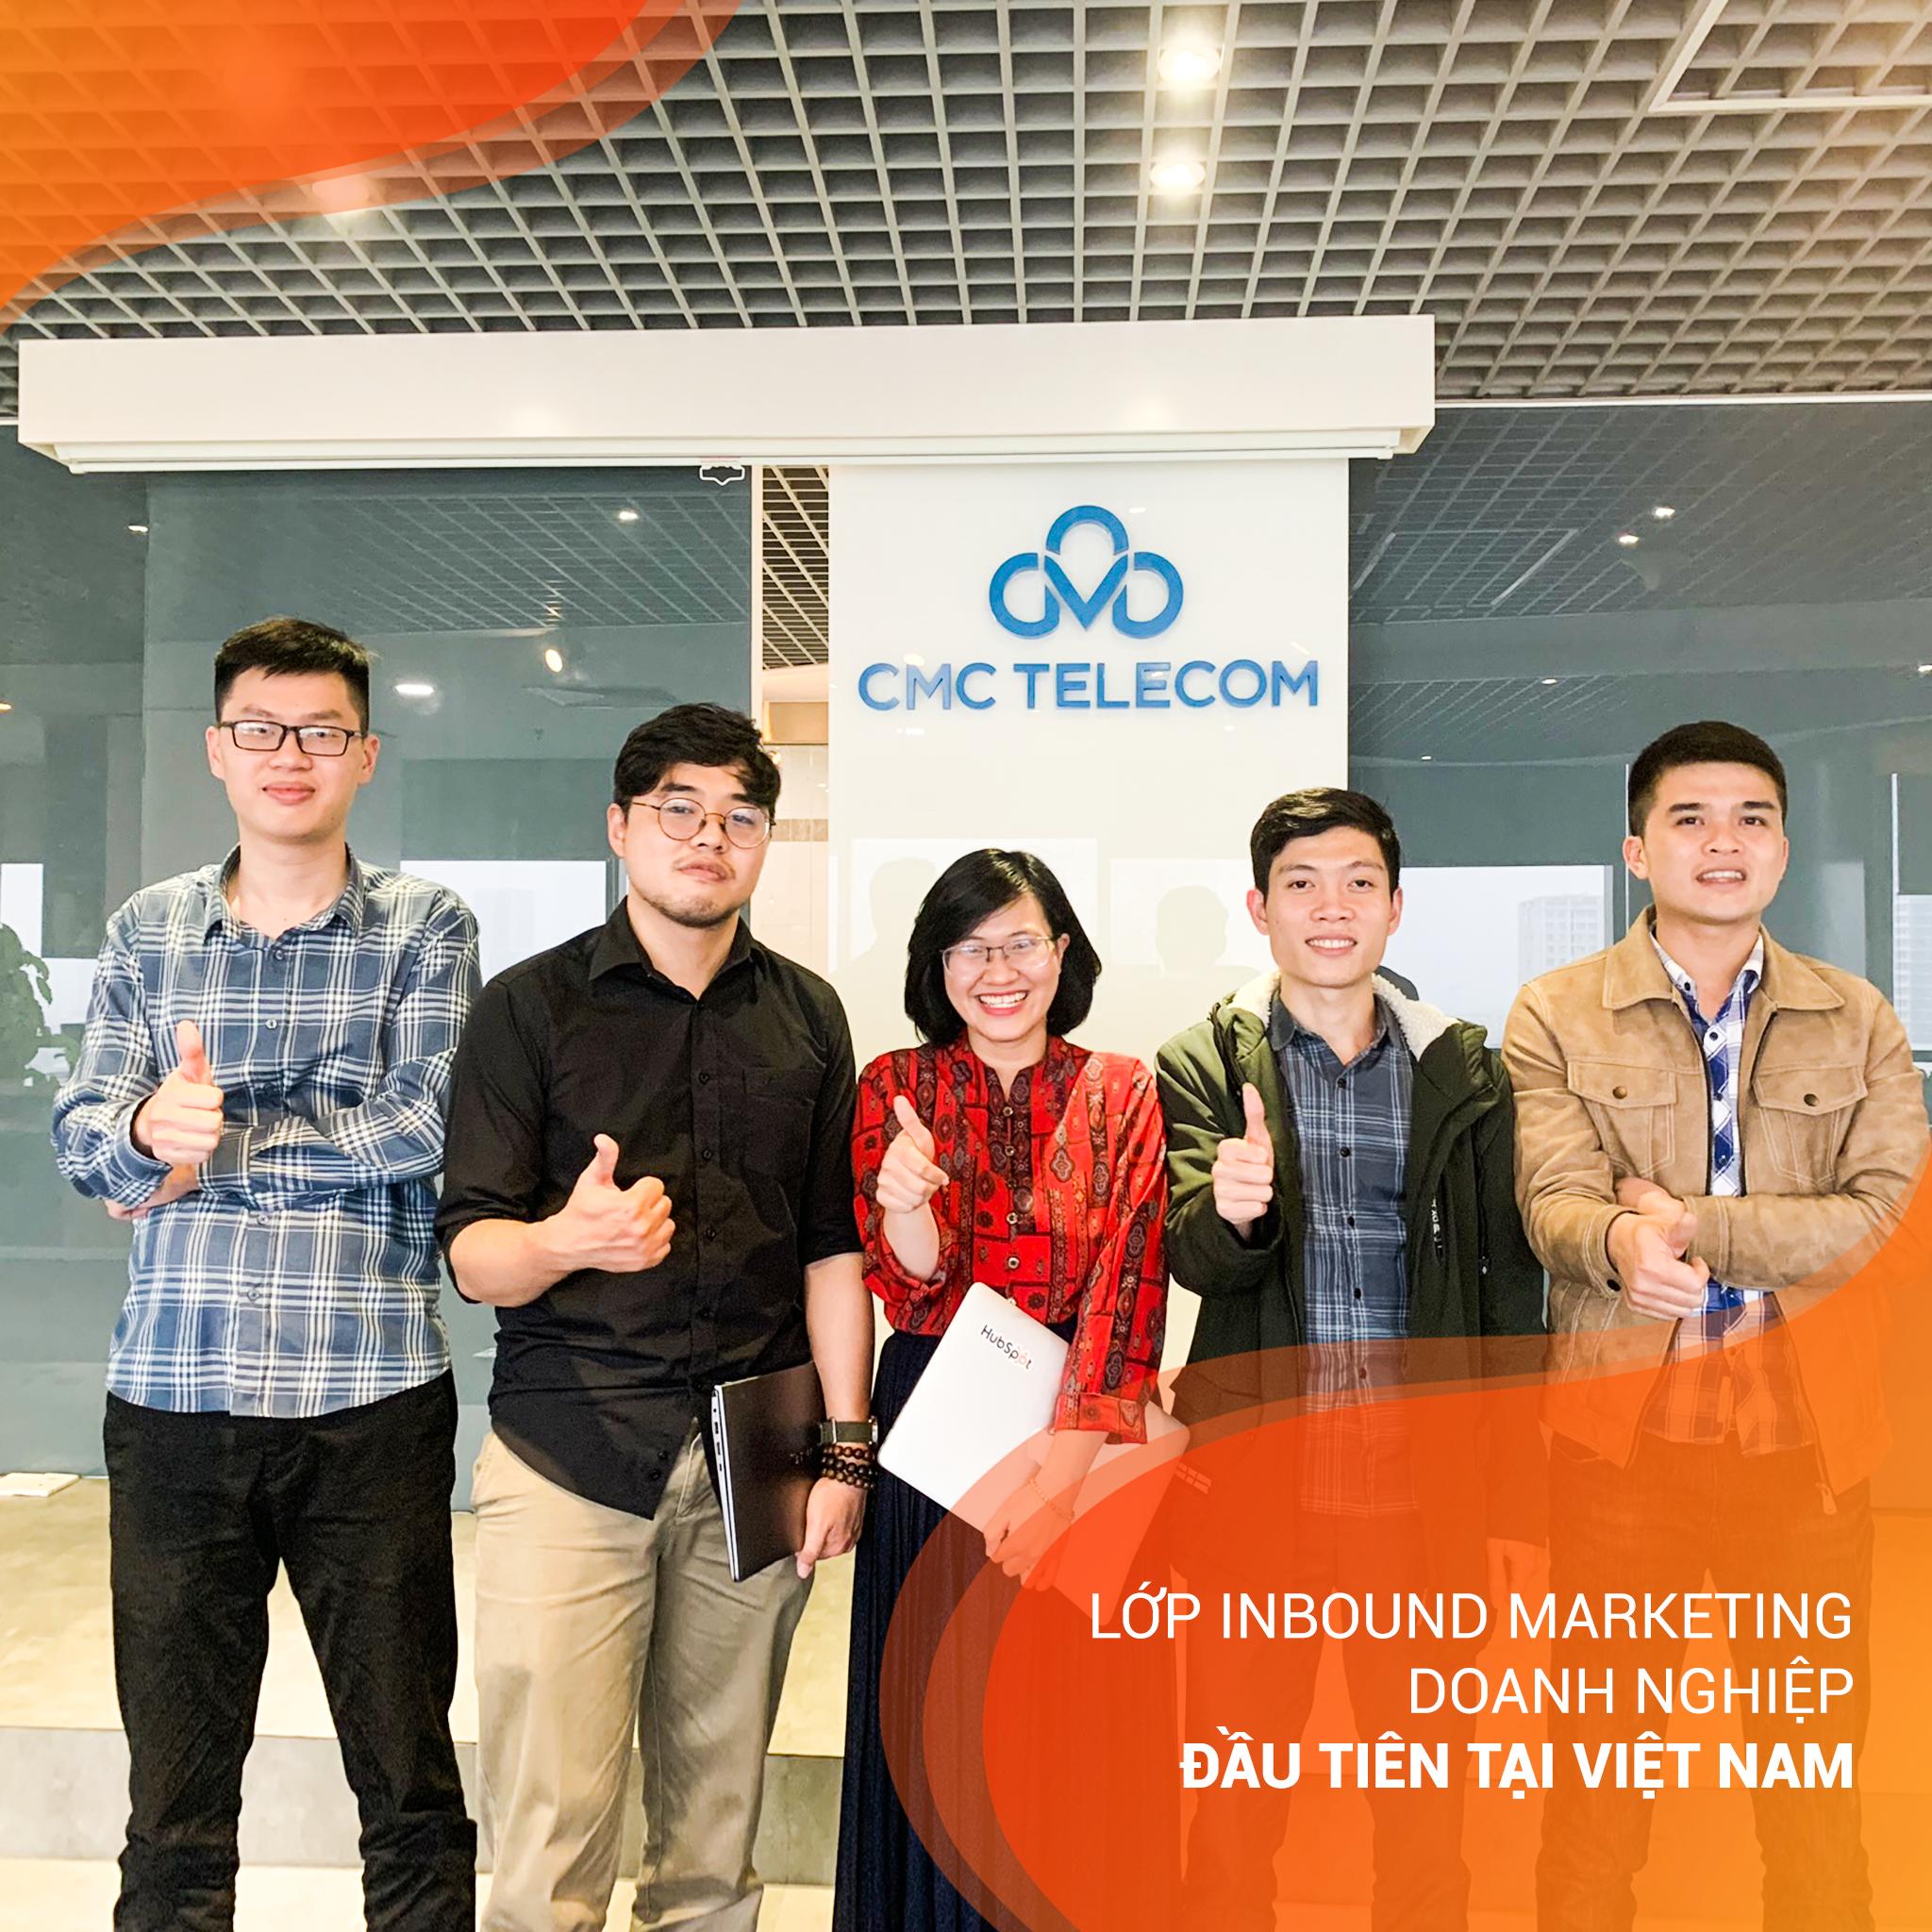 Lớp Inbound Marketing doanh nghiệp đầu tiên tại Việt Nam